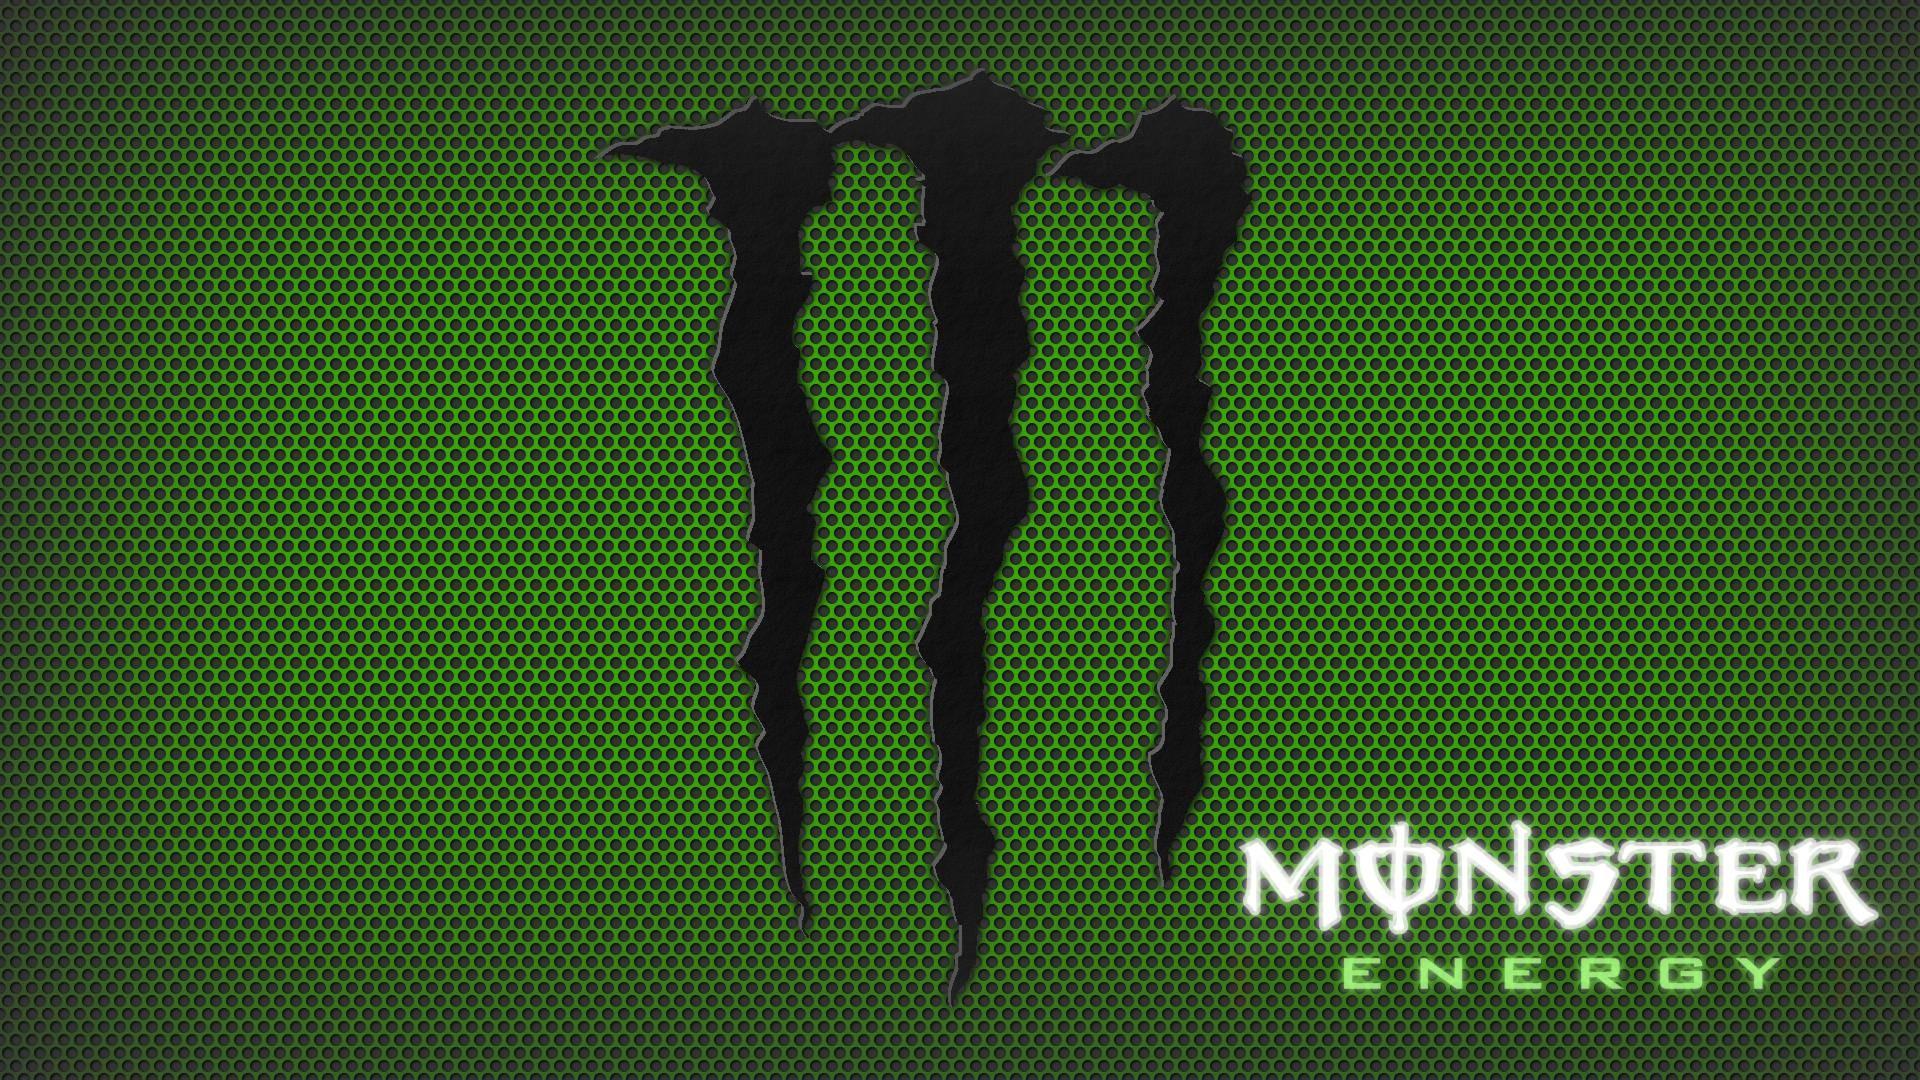 Monster Energy Desktop Wallpaper 70 Images